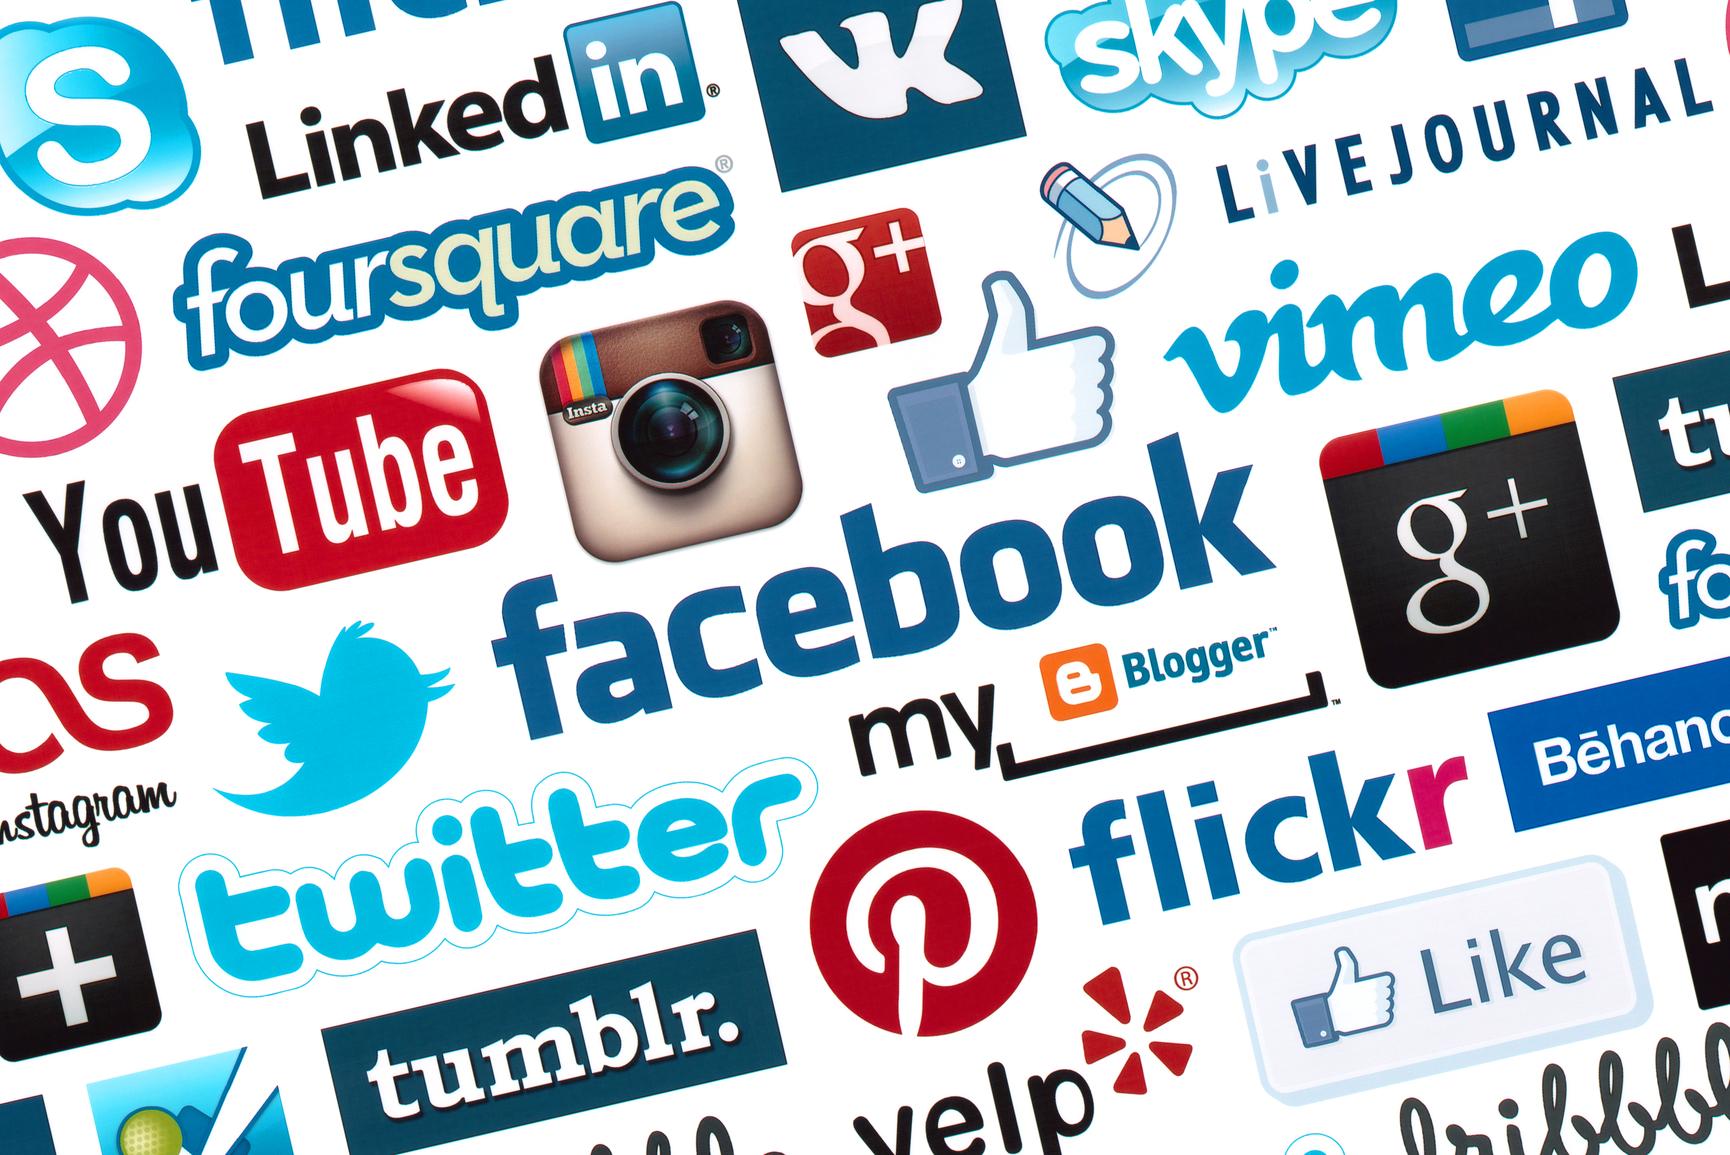 3 consejos para tus redes sociales quemejorarán el engagement con tus fans